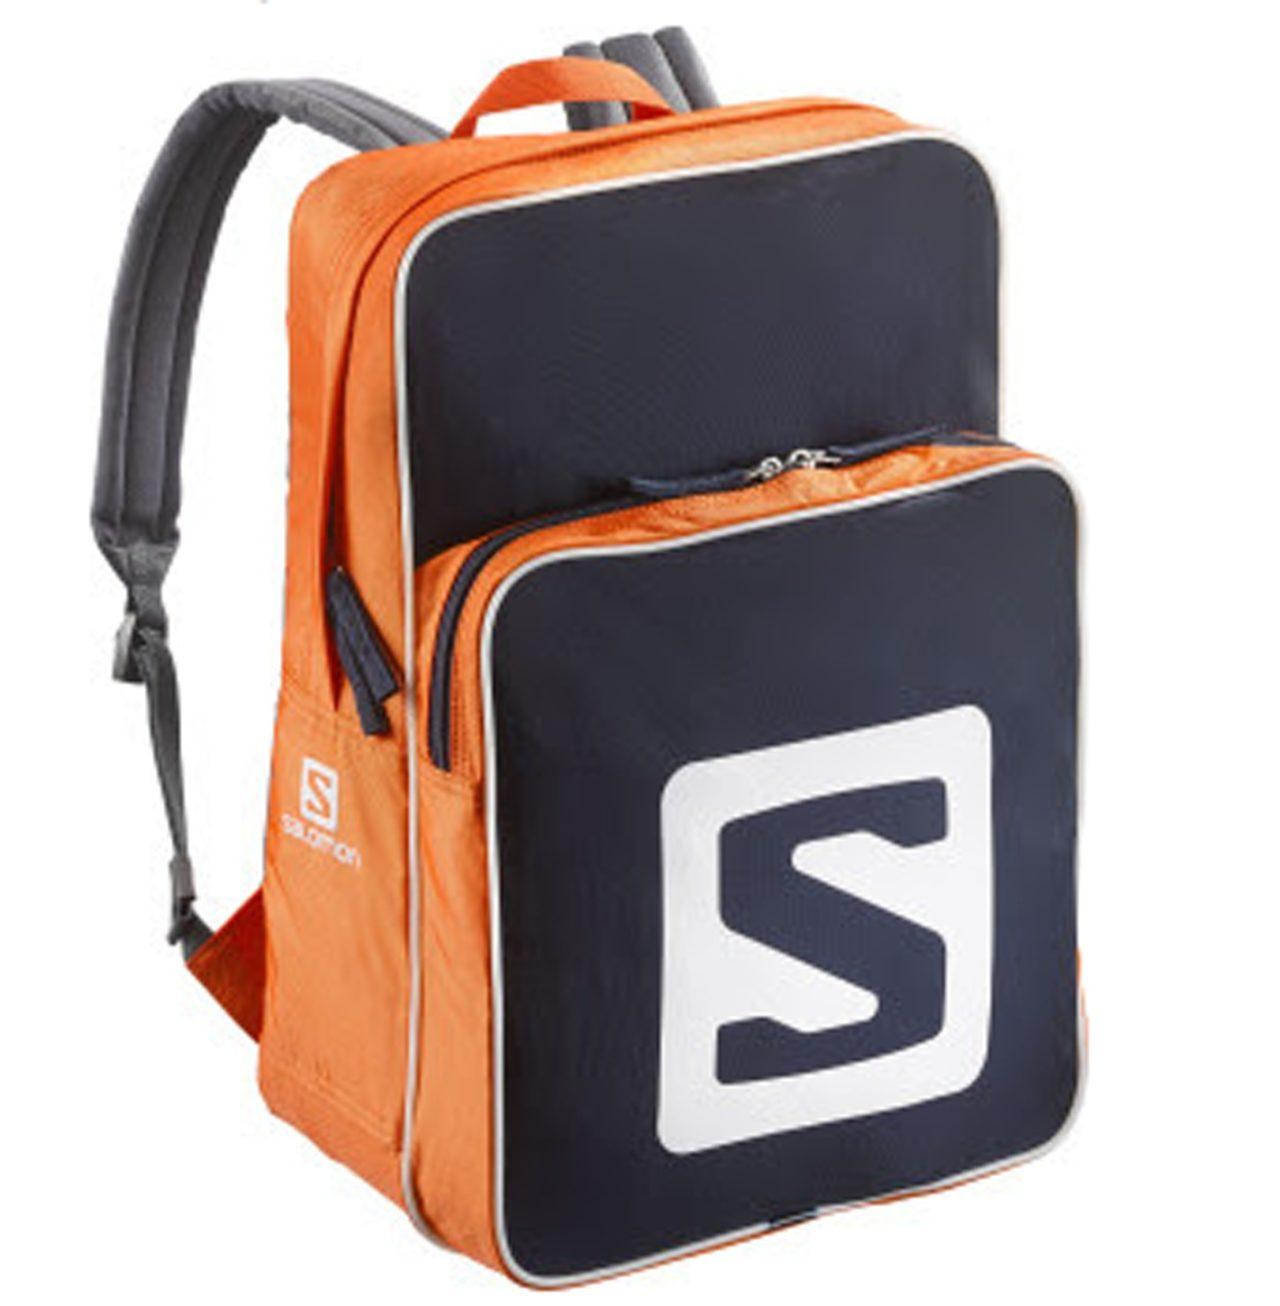 Salomons kultryggsäck är tillbaka - Freeride c16518ffc5016